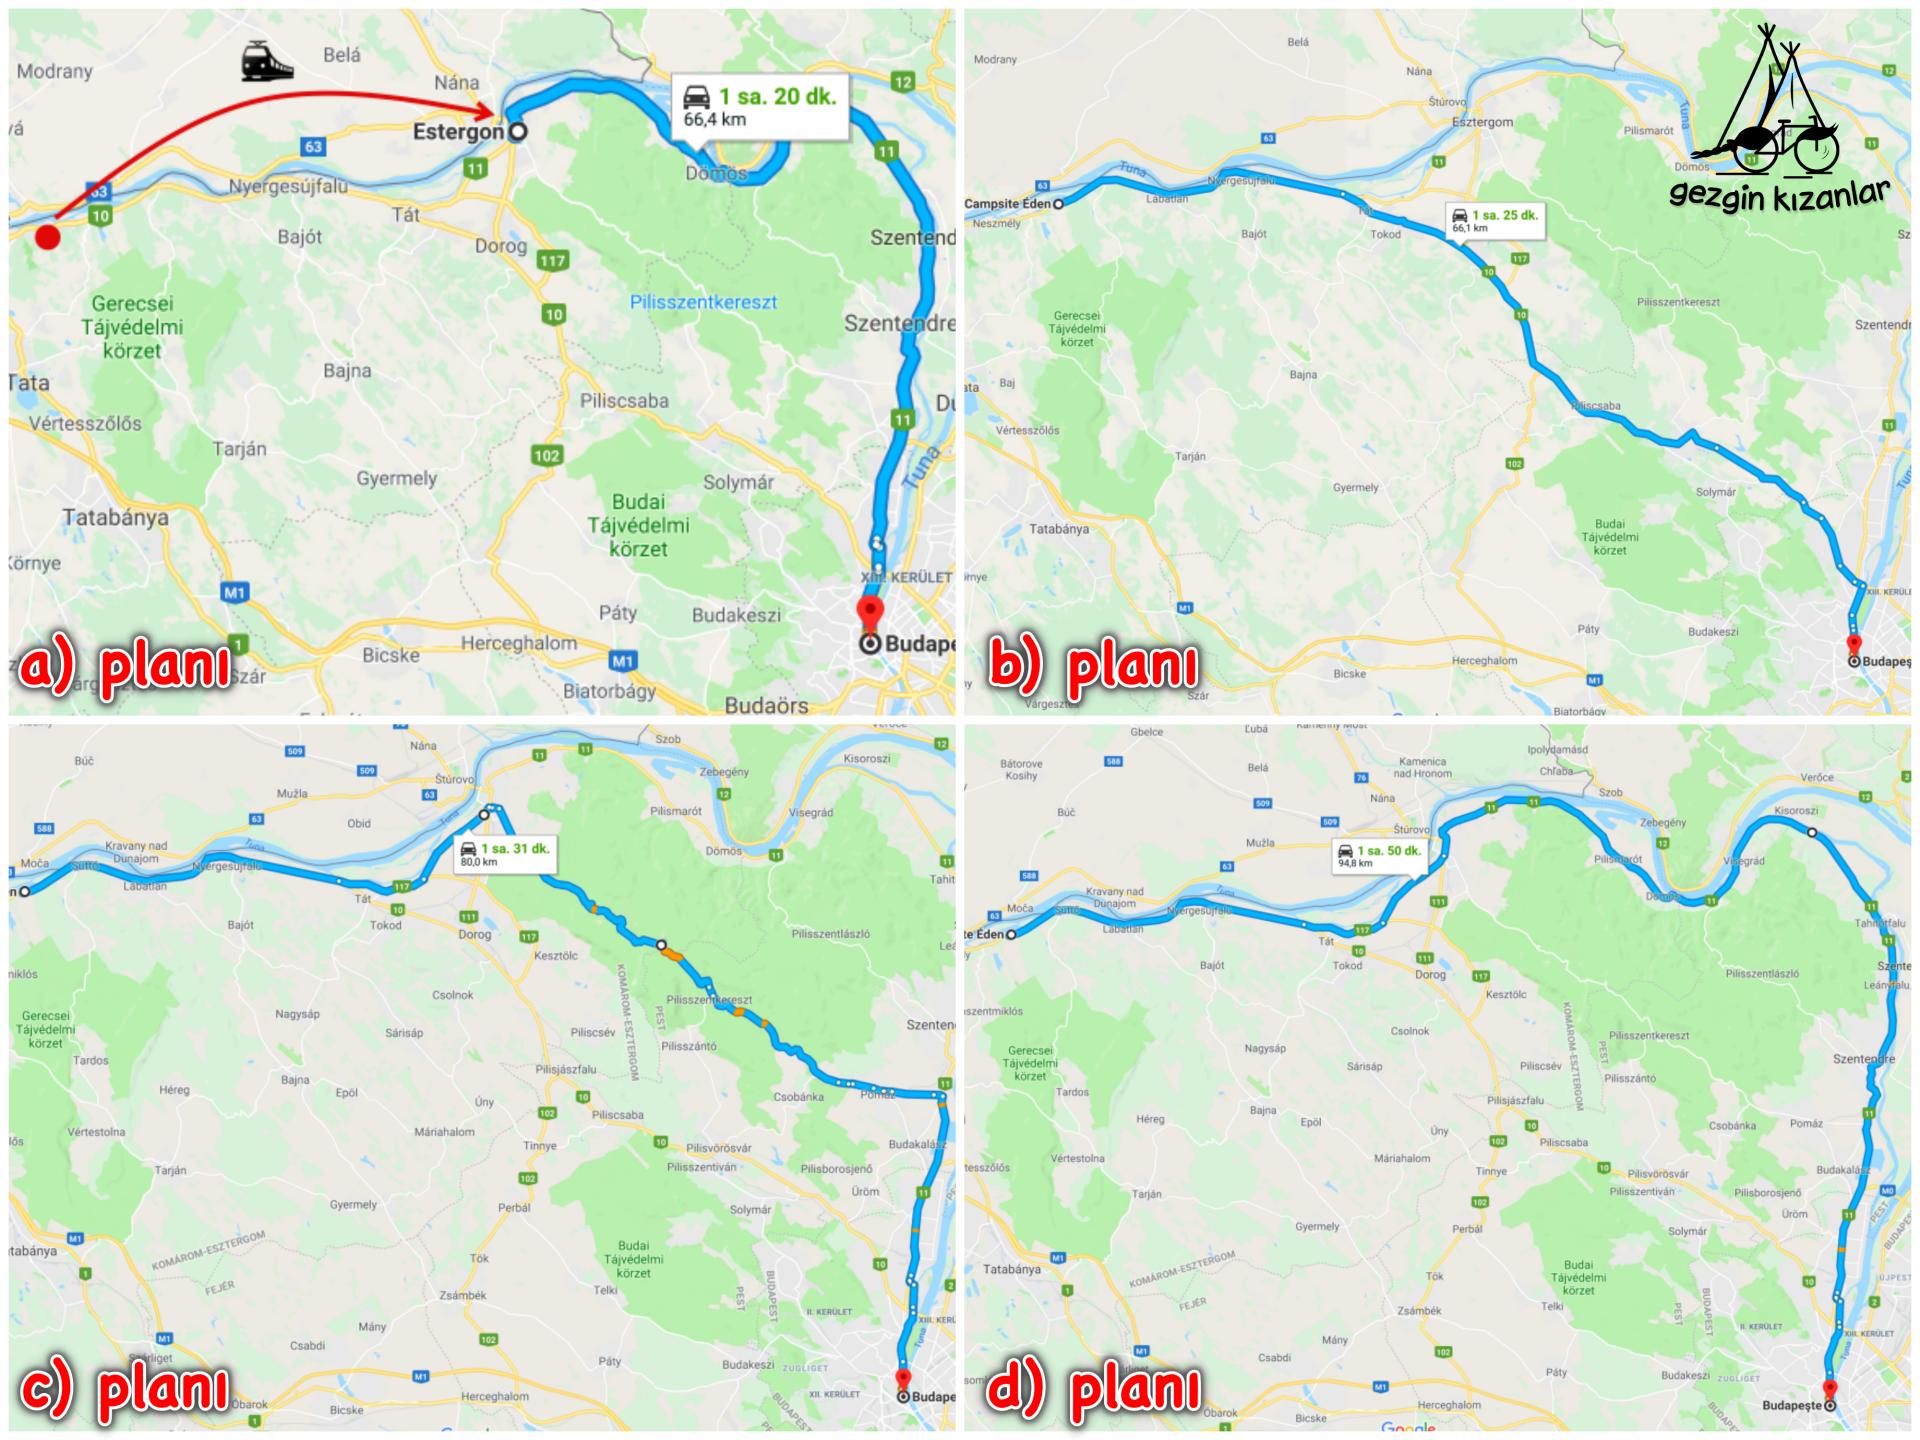 Budapeşte Gidiş Planı